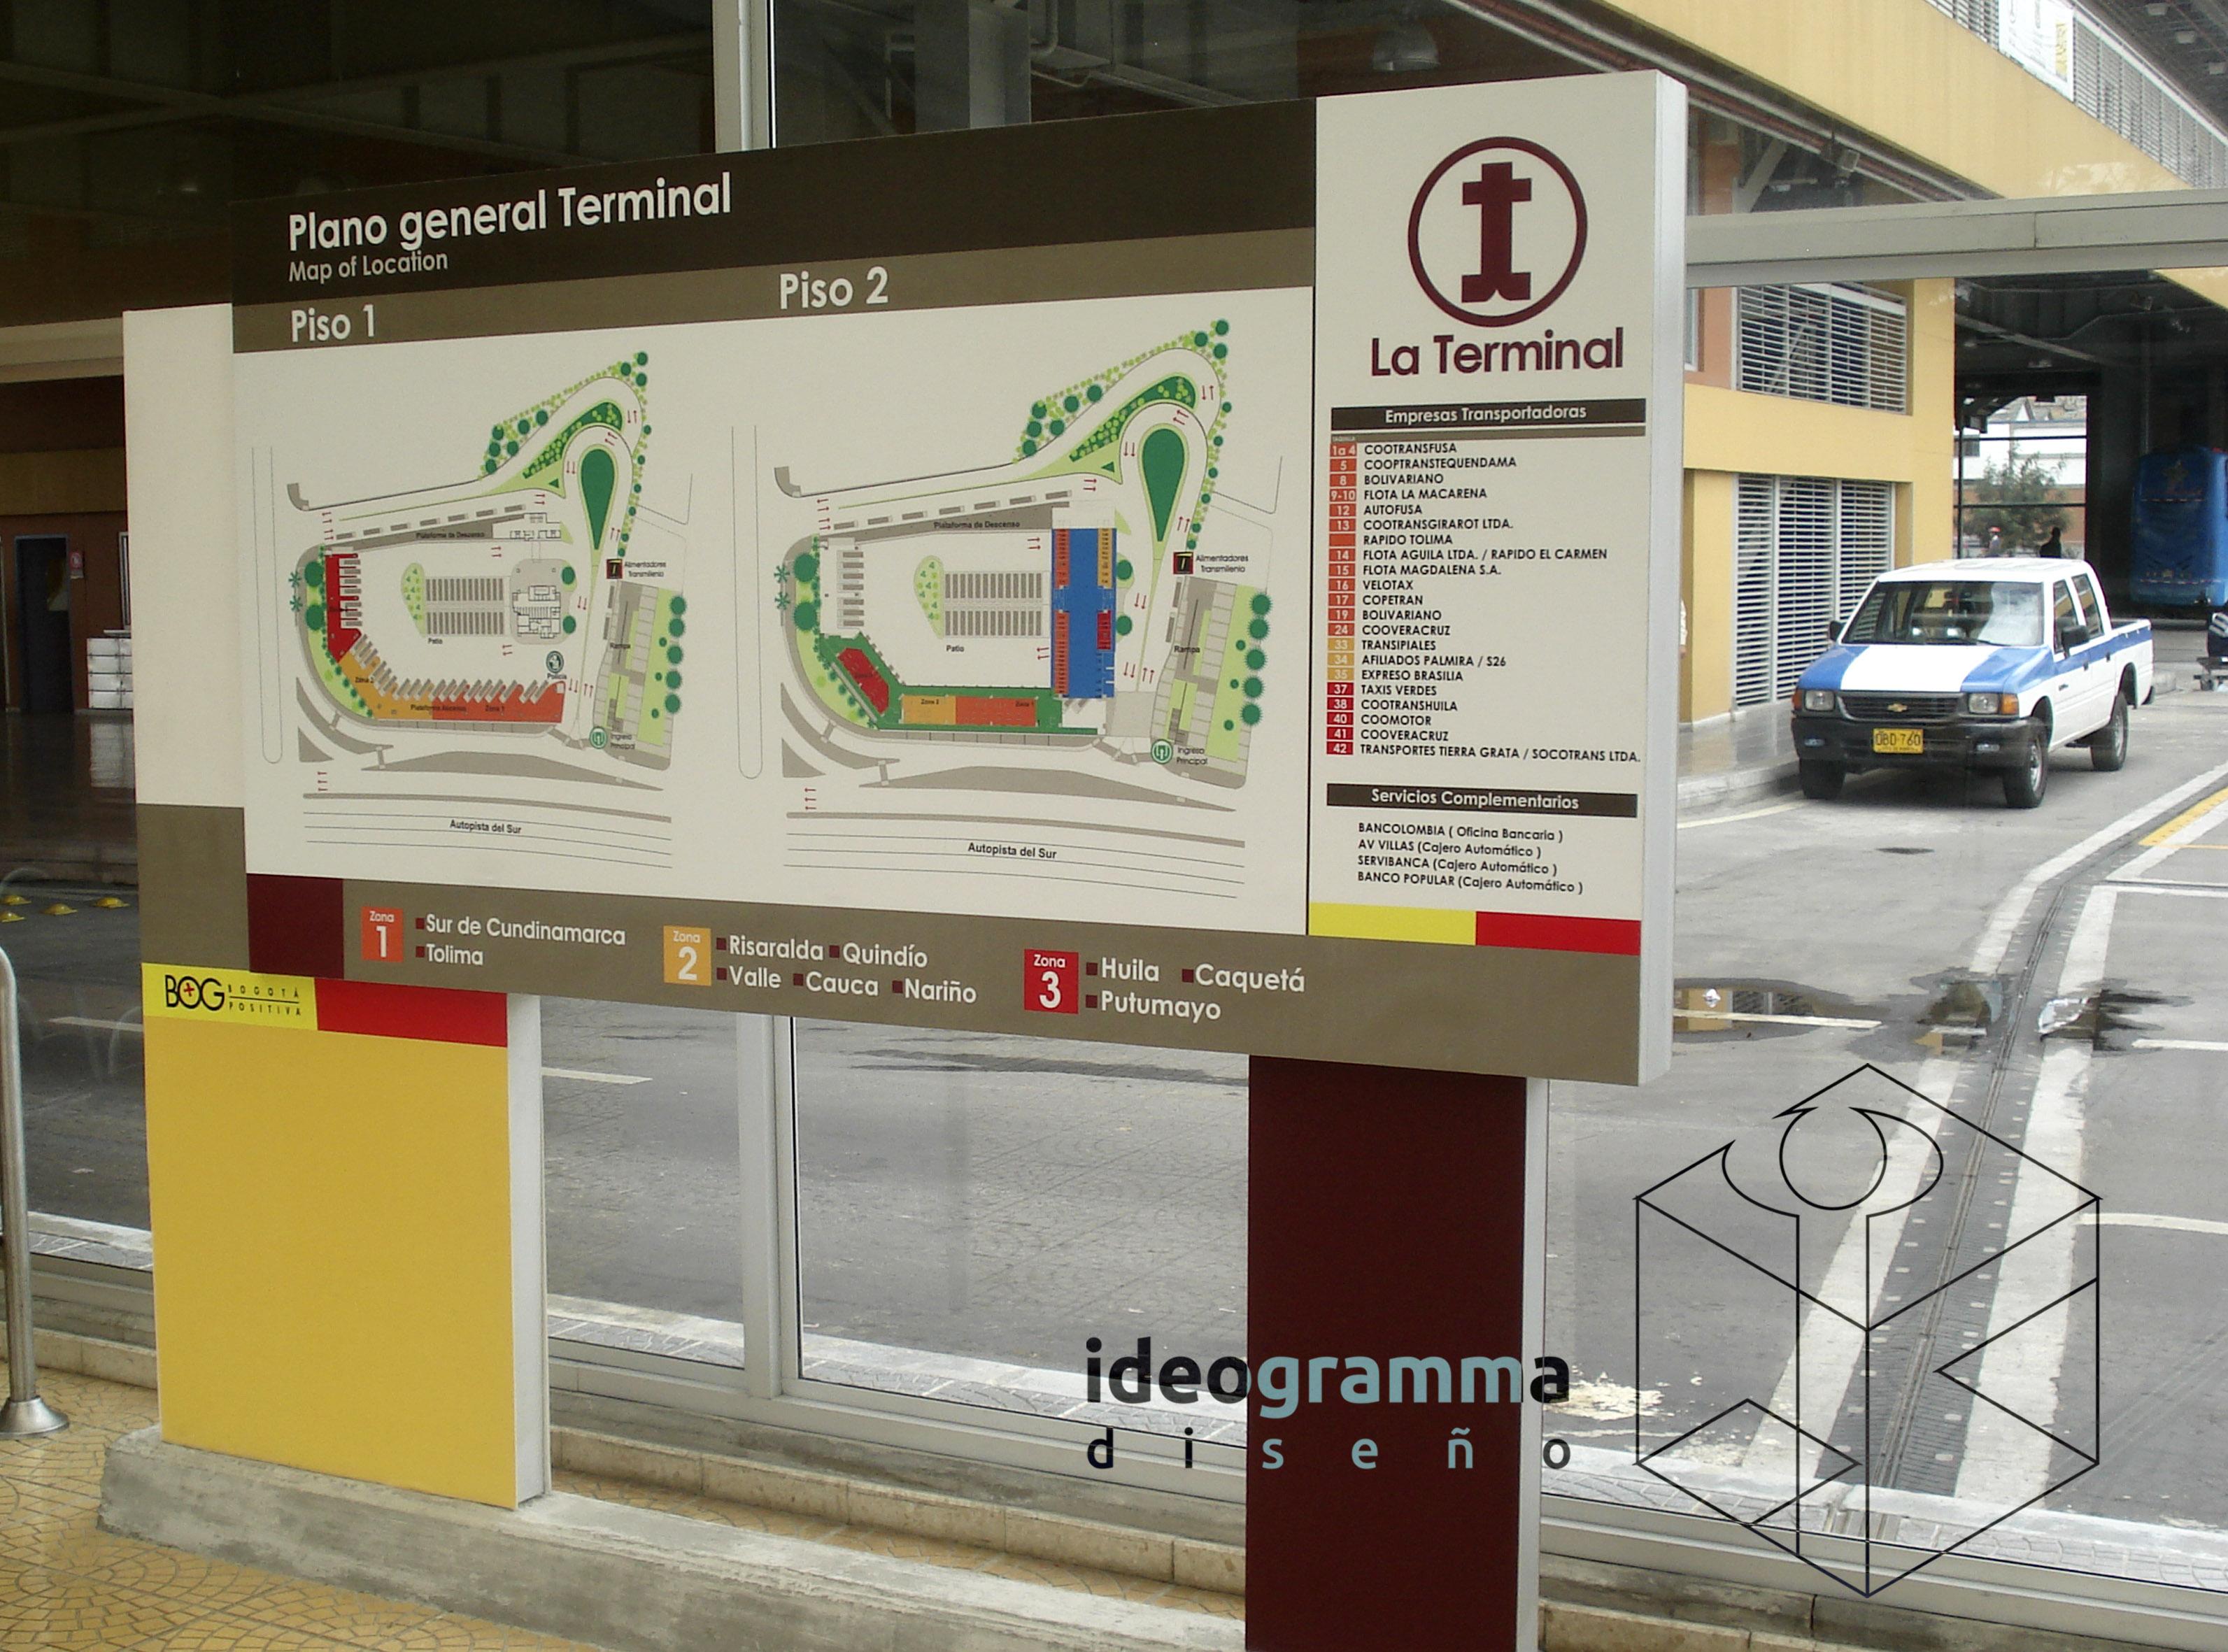 IDEO- web 23.jpg